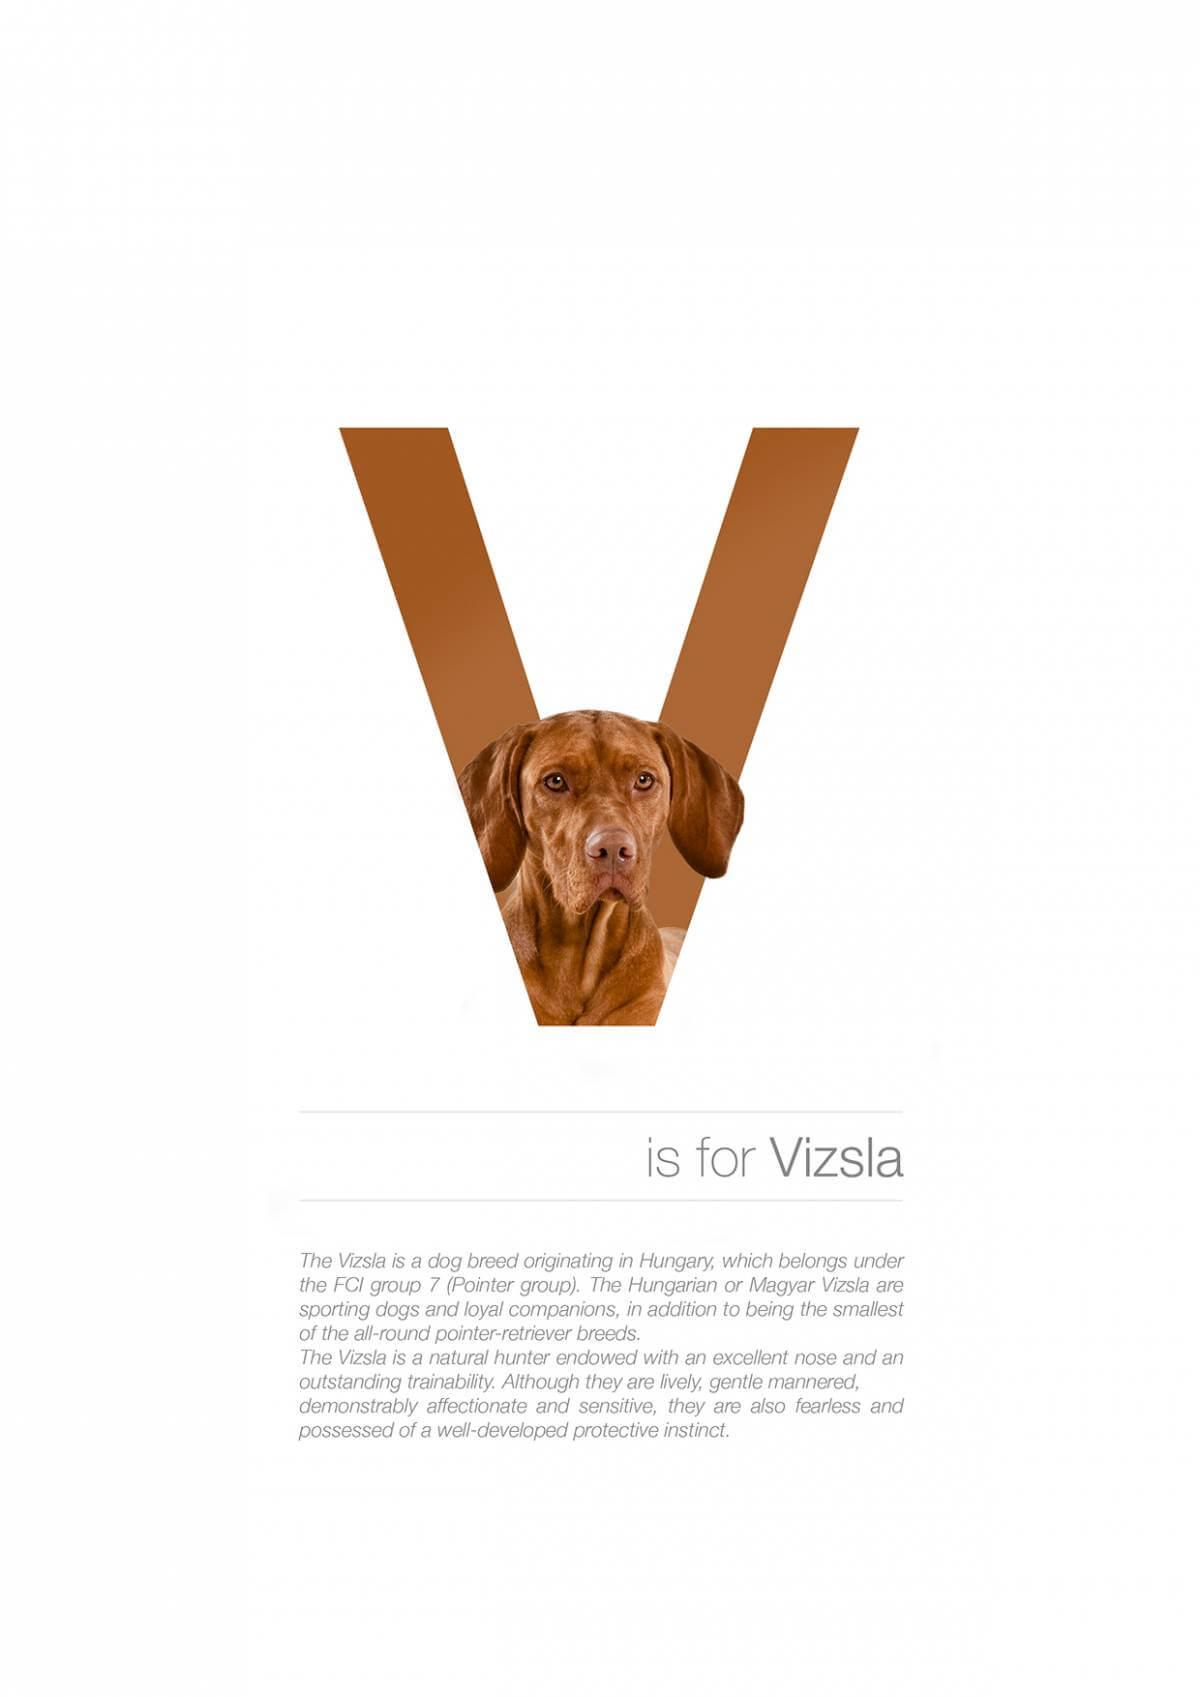 V ตัวอักษรกราฟฟิค A Z สายพันธุ์หมาไอเดียน่ารักจากดีไซน์เนอร์โรมาเนีย